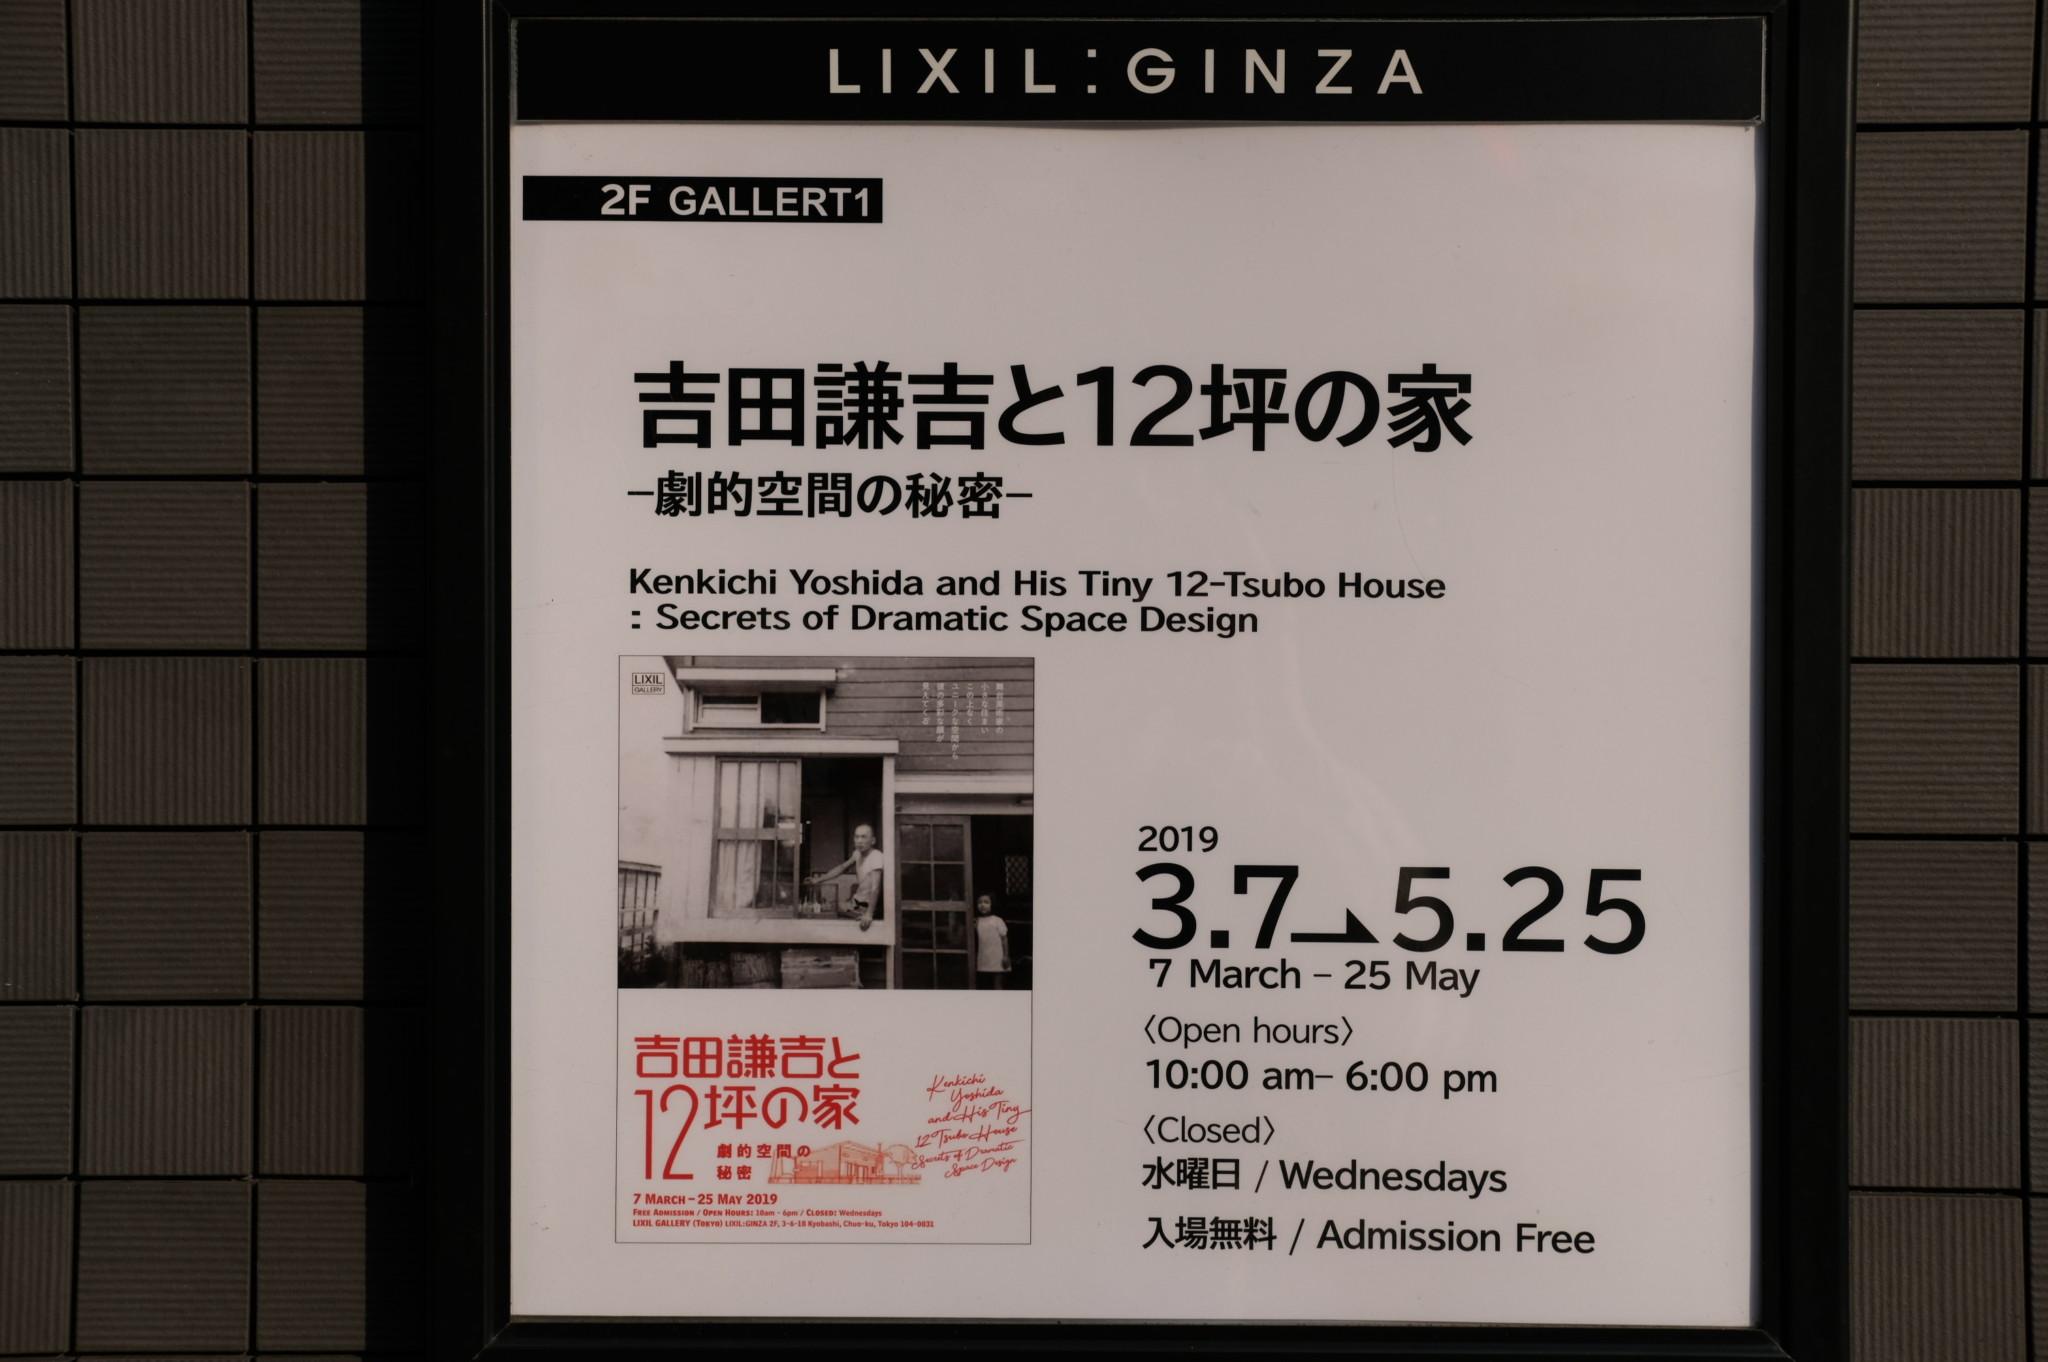 吉田謙吉と12坪の家—劇的空間の秘密—@LIXILギャラリー